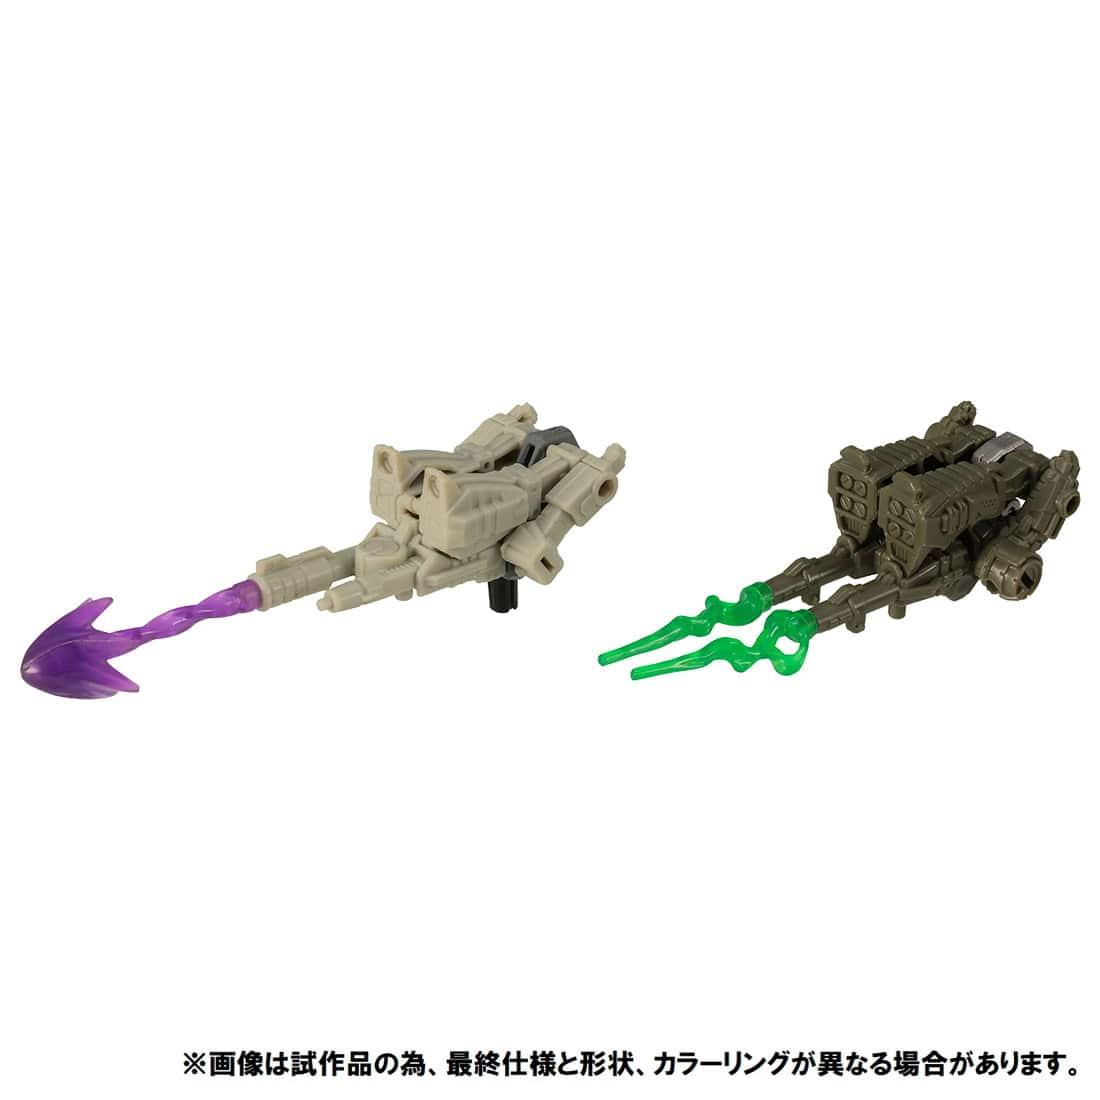 トランスフォーマー ウォーフォーサイバトロン『WFC-20 スパークレスシーカー』可変可動フィギュア-005